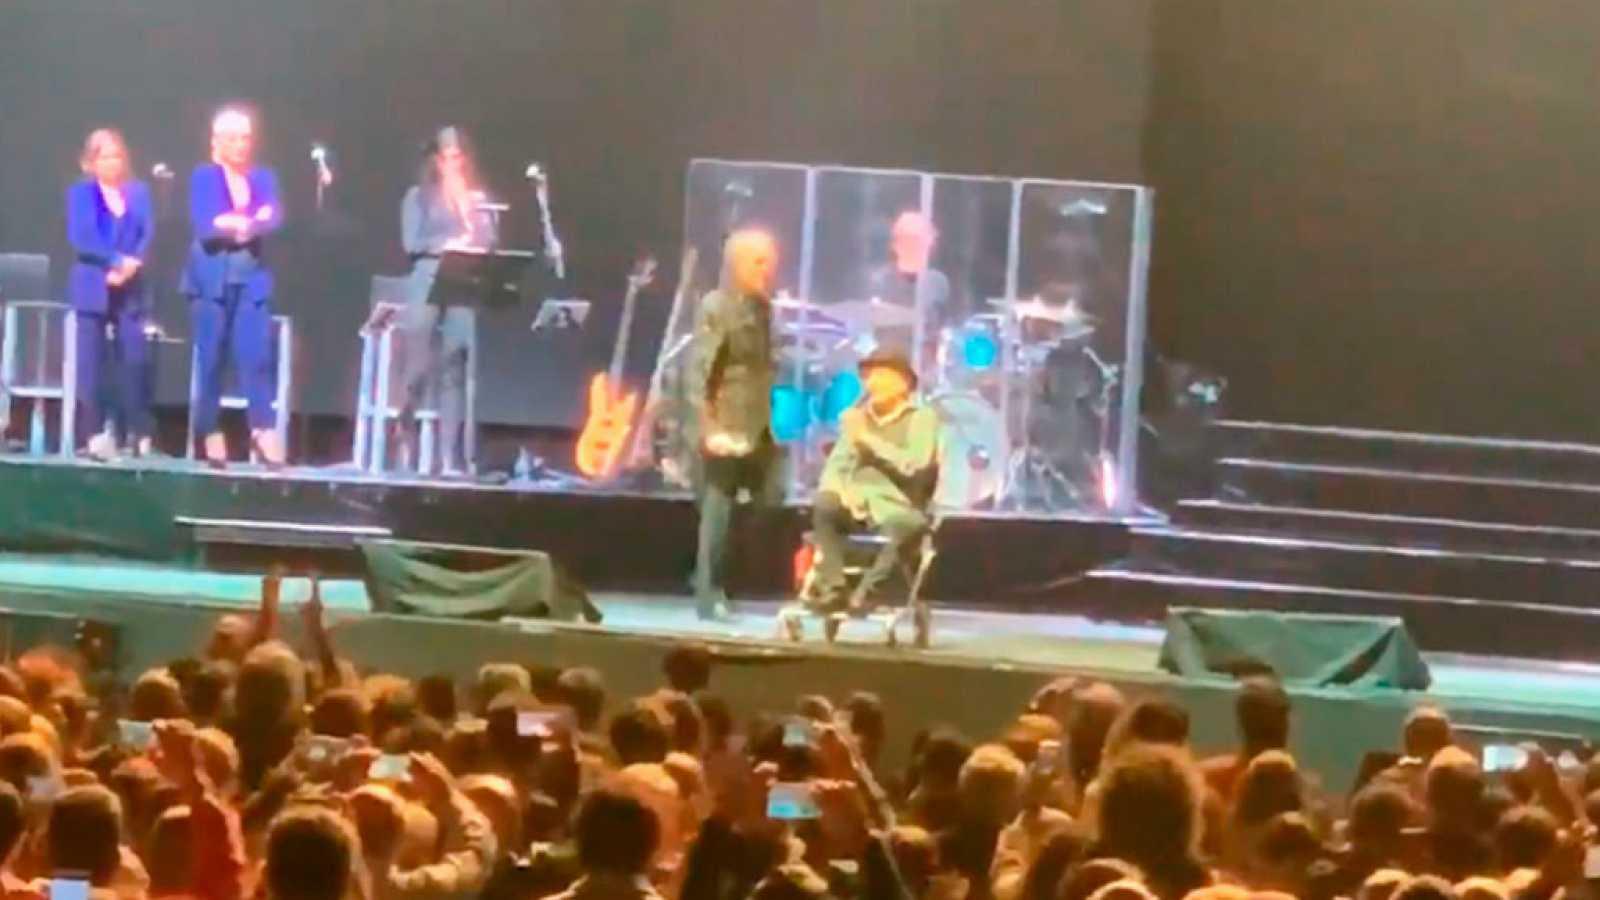 Hablamos con Sole Giménez de la caída en el escenario de Joaquín Sabina y su estado de salud